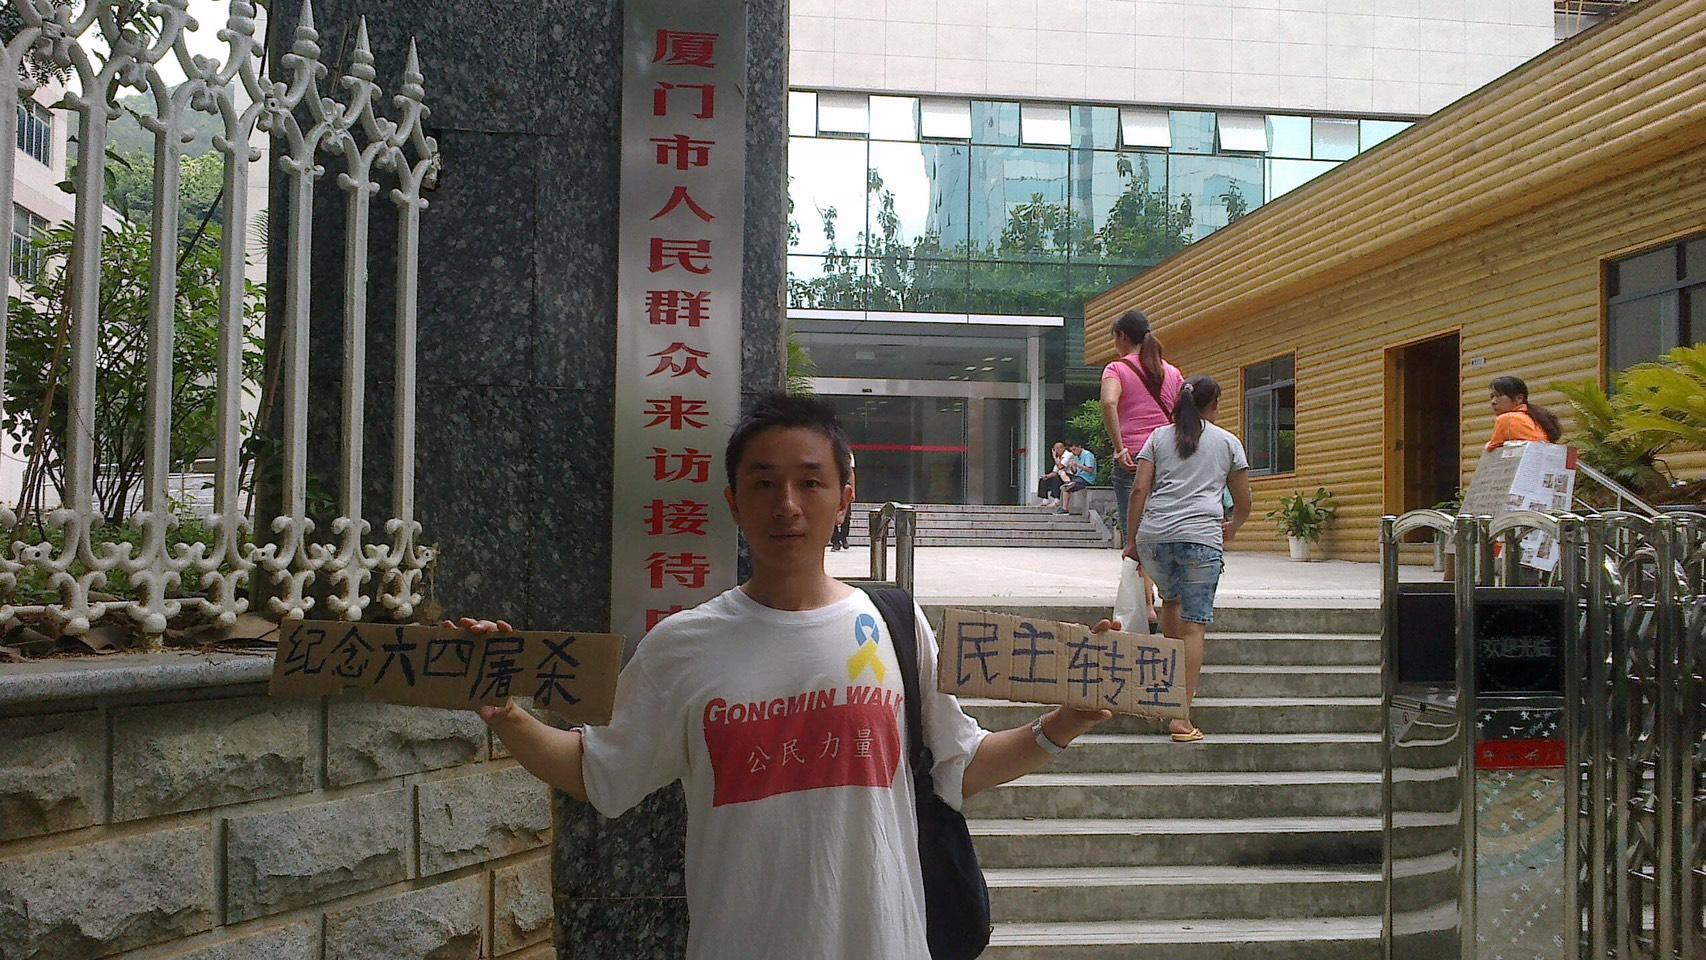 温起锋表示过去在中国大陆声援六四行动。(温起锋提供)